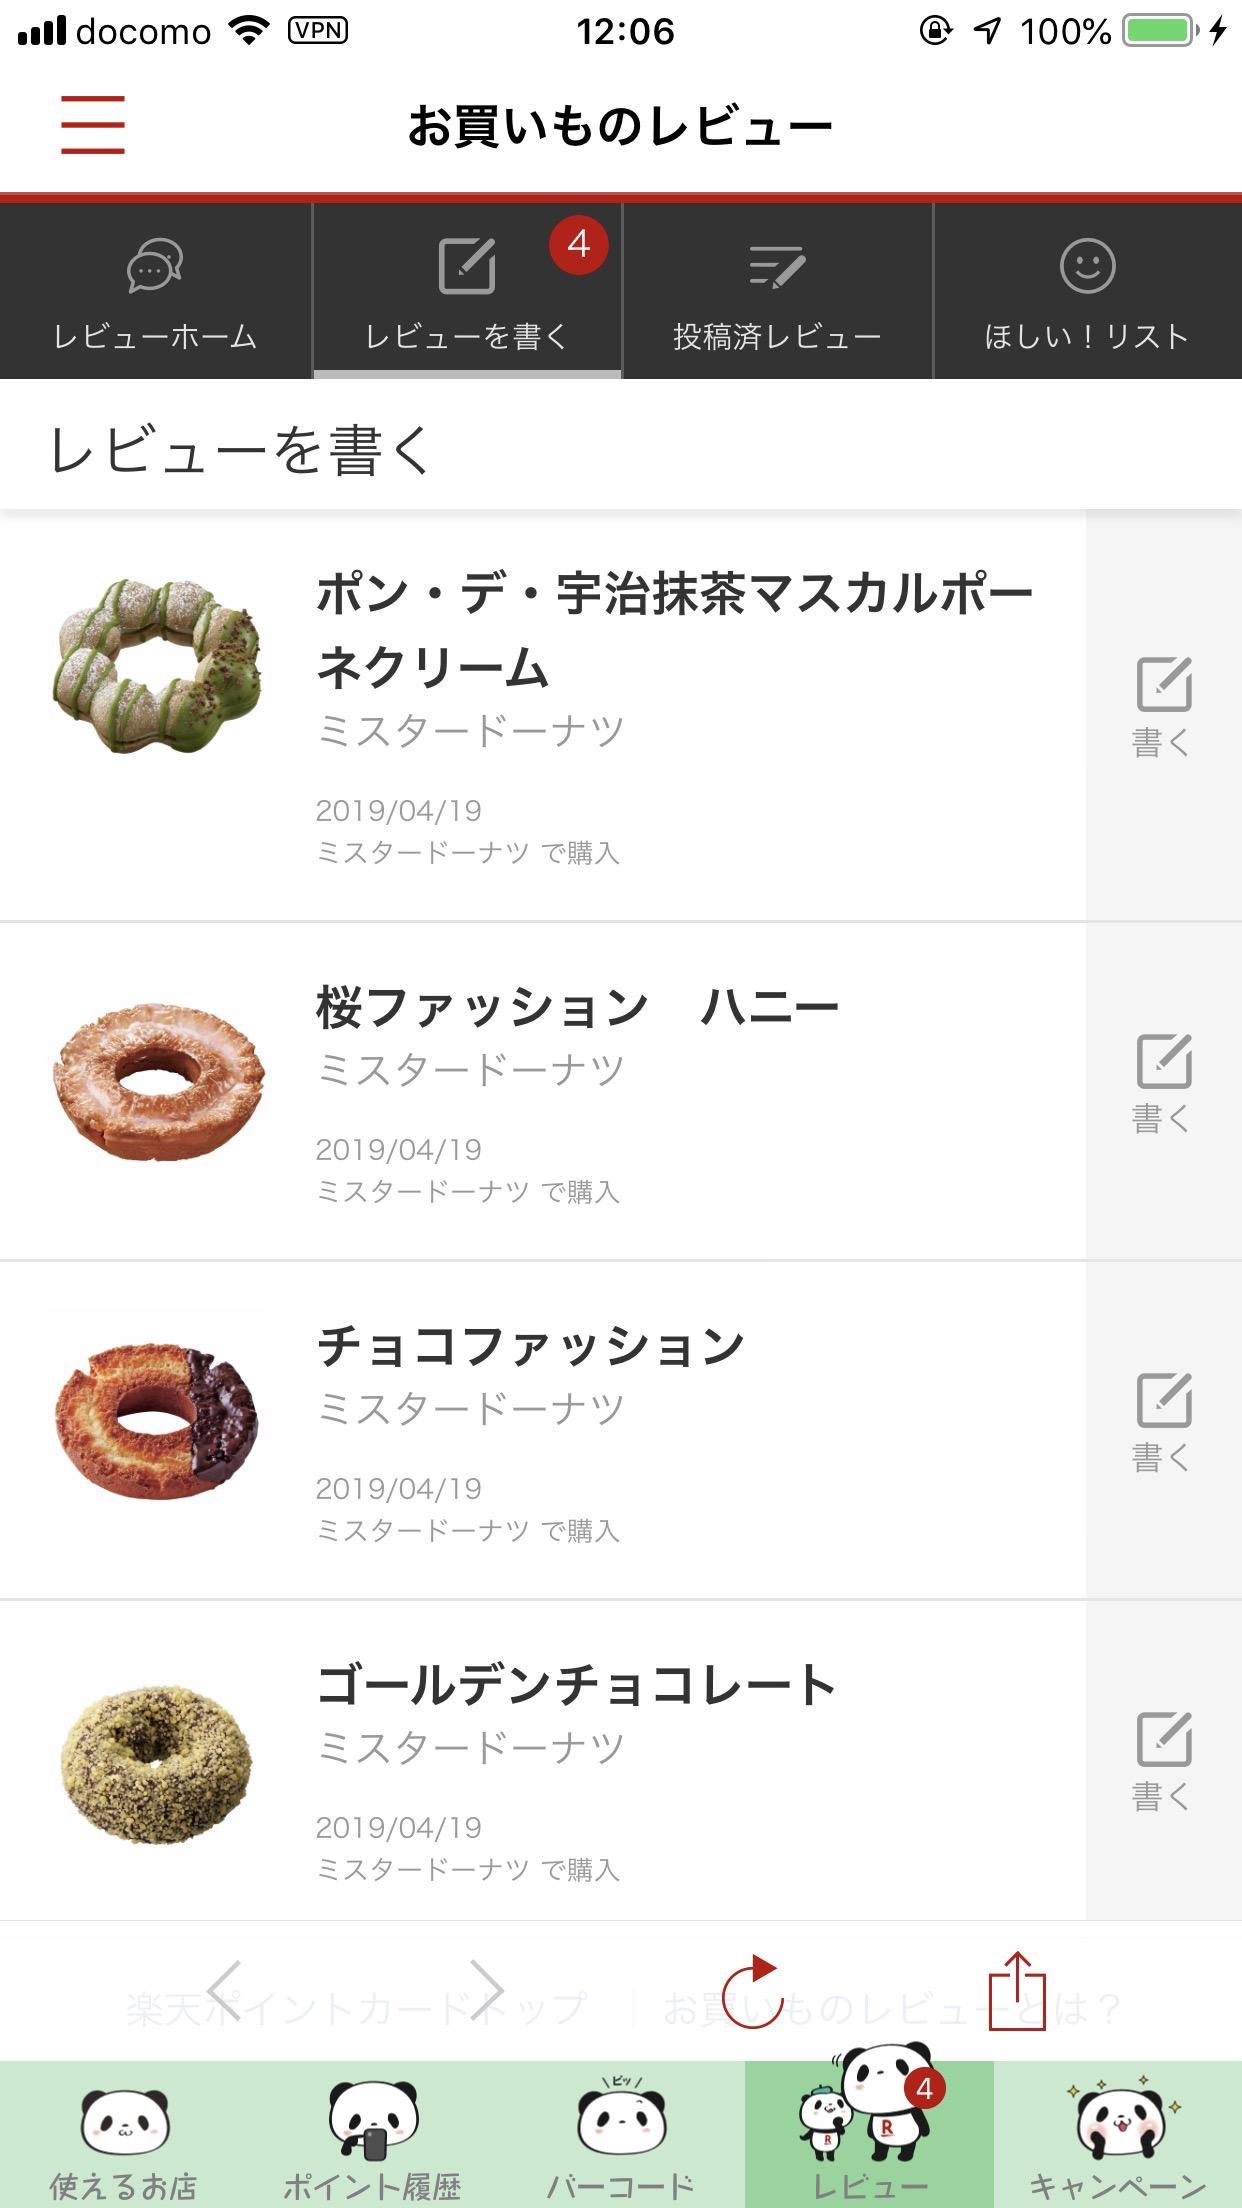 LINEギフトでミスドを買う際に楽天ポイントカードを提示したら購入したドーナツのレビューを求められた件